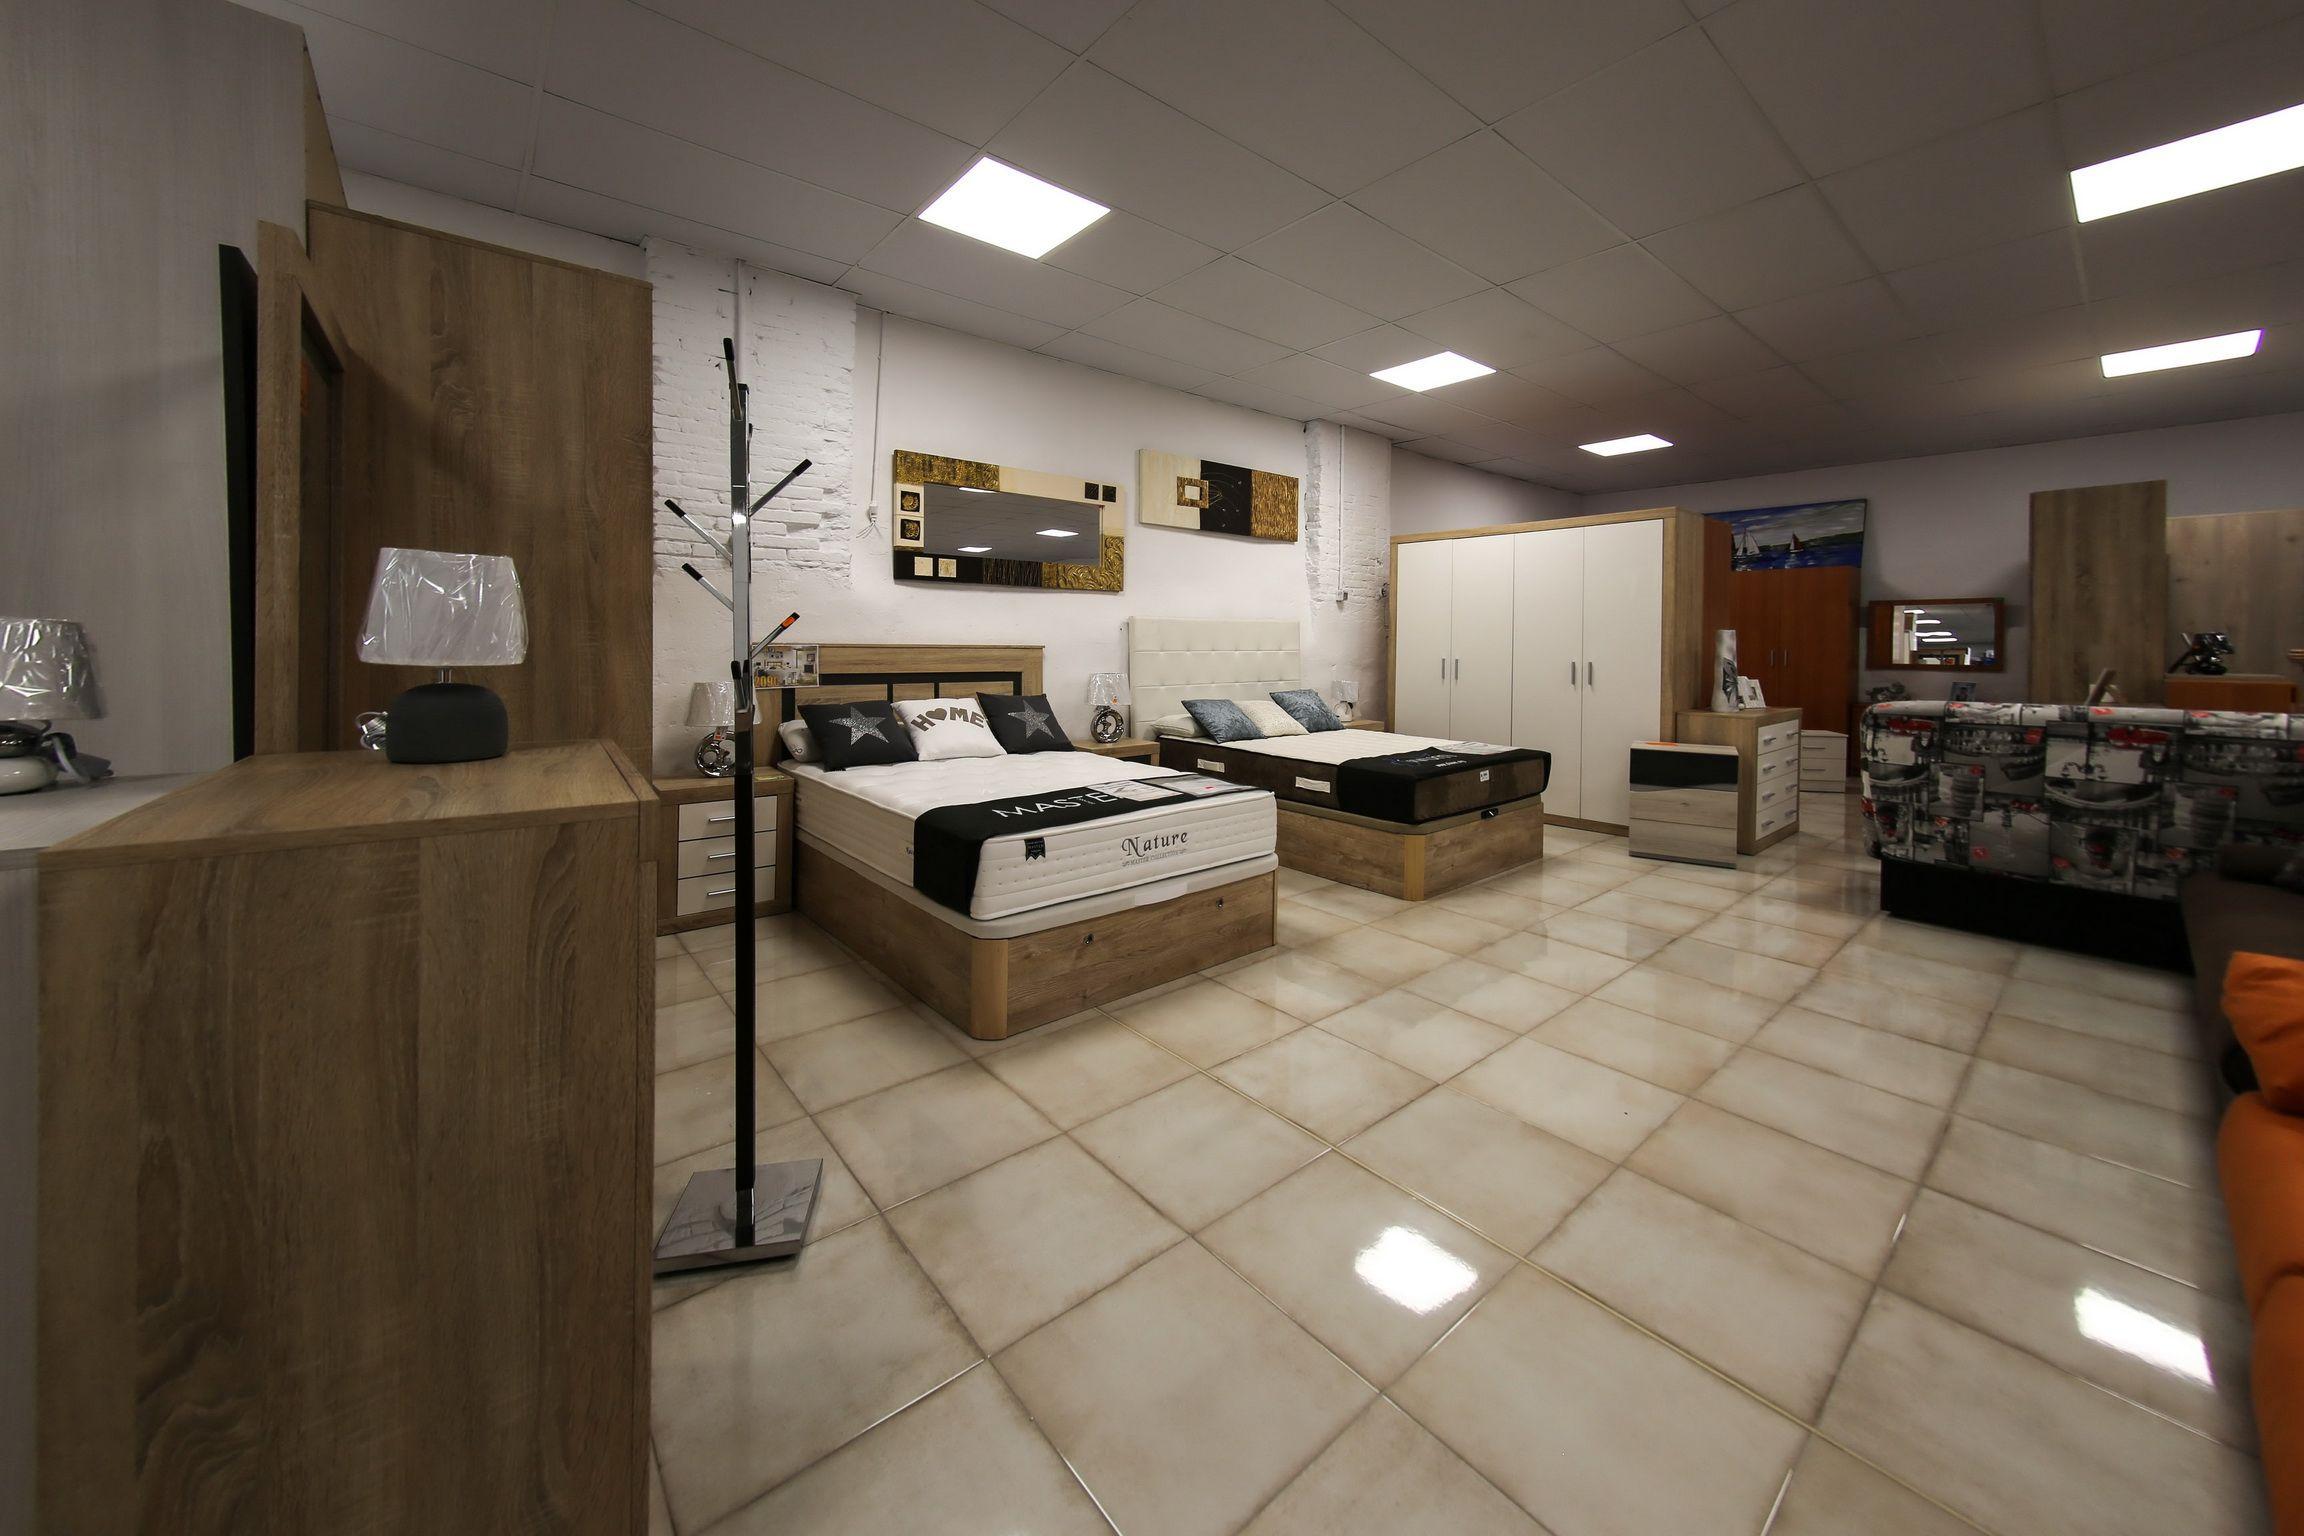 Exposición y venta de muebles de dormitorio en Lleida